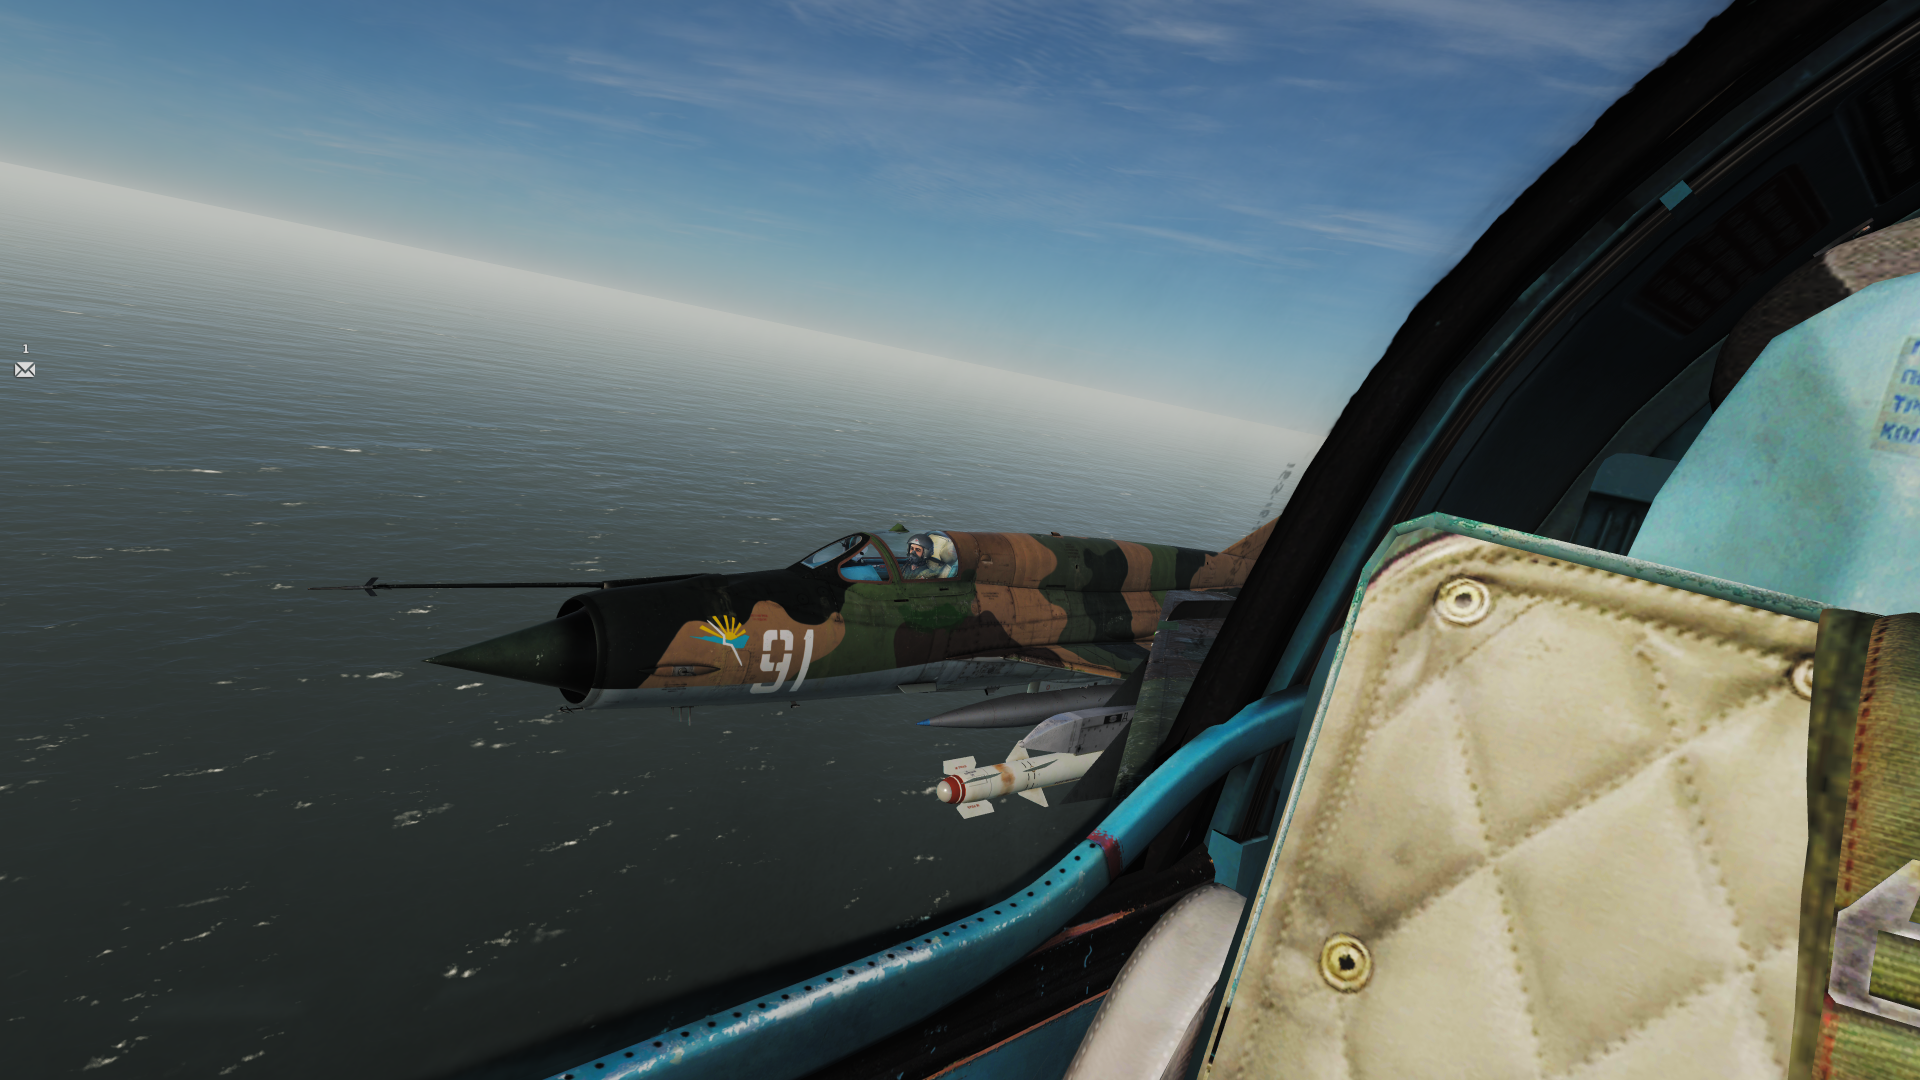 МиГ-21бис – С-24 тренировка